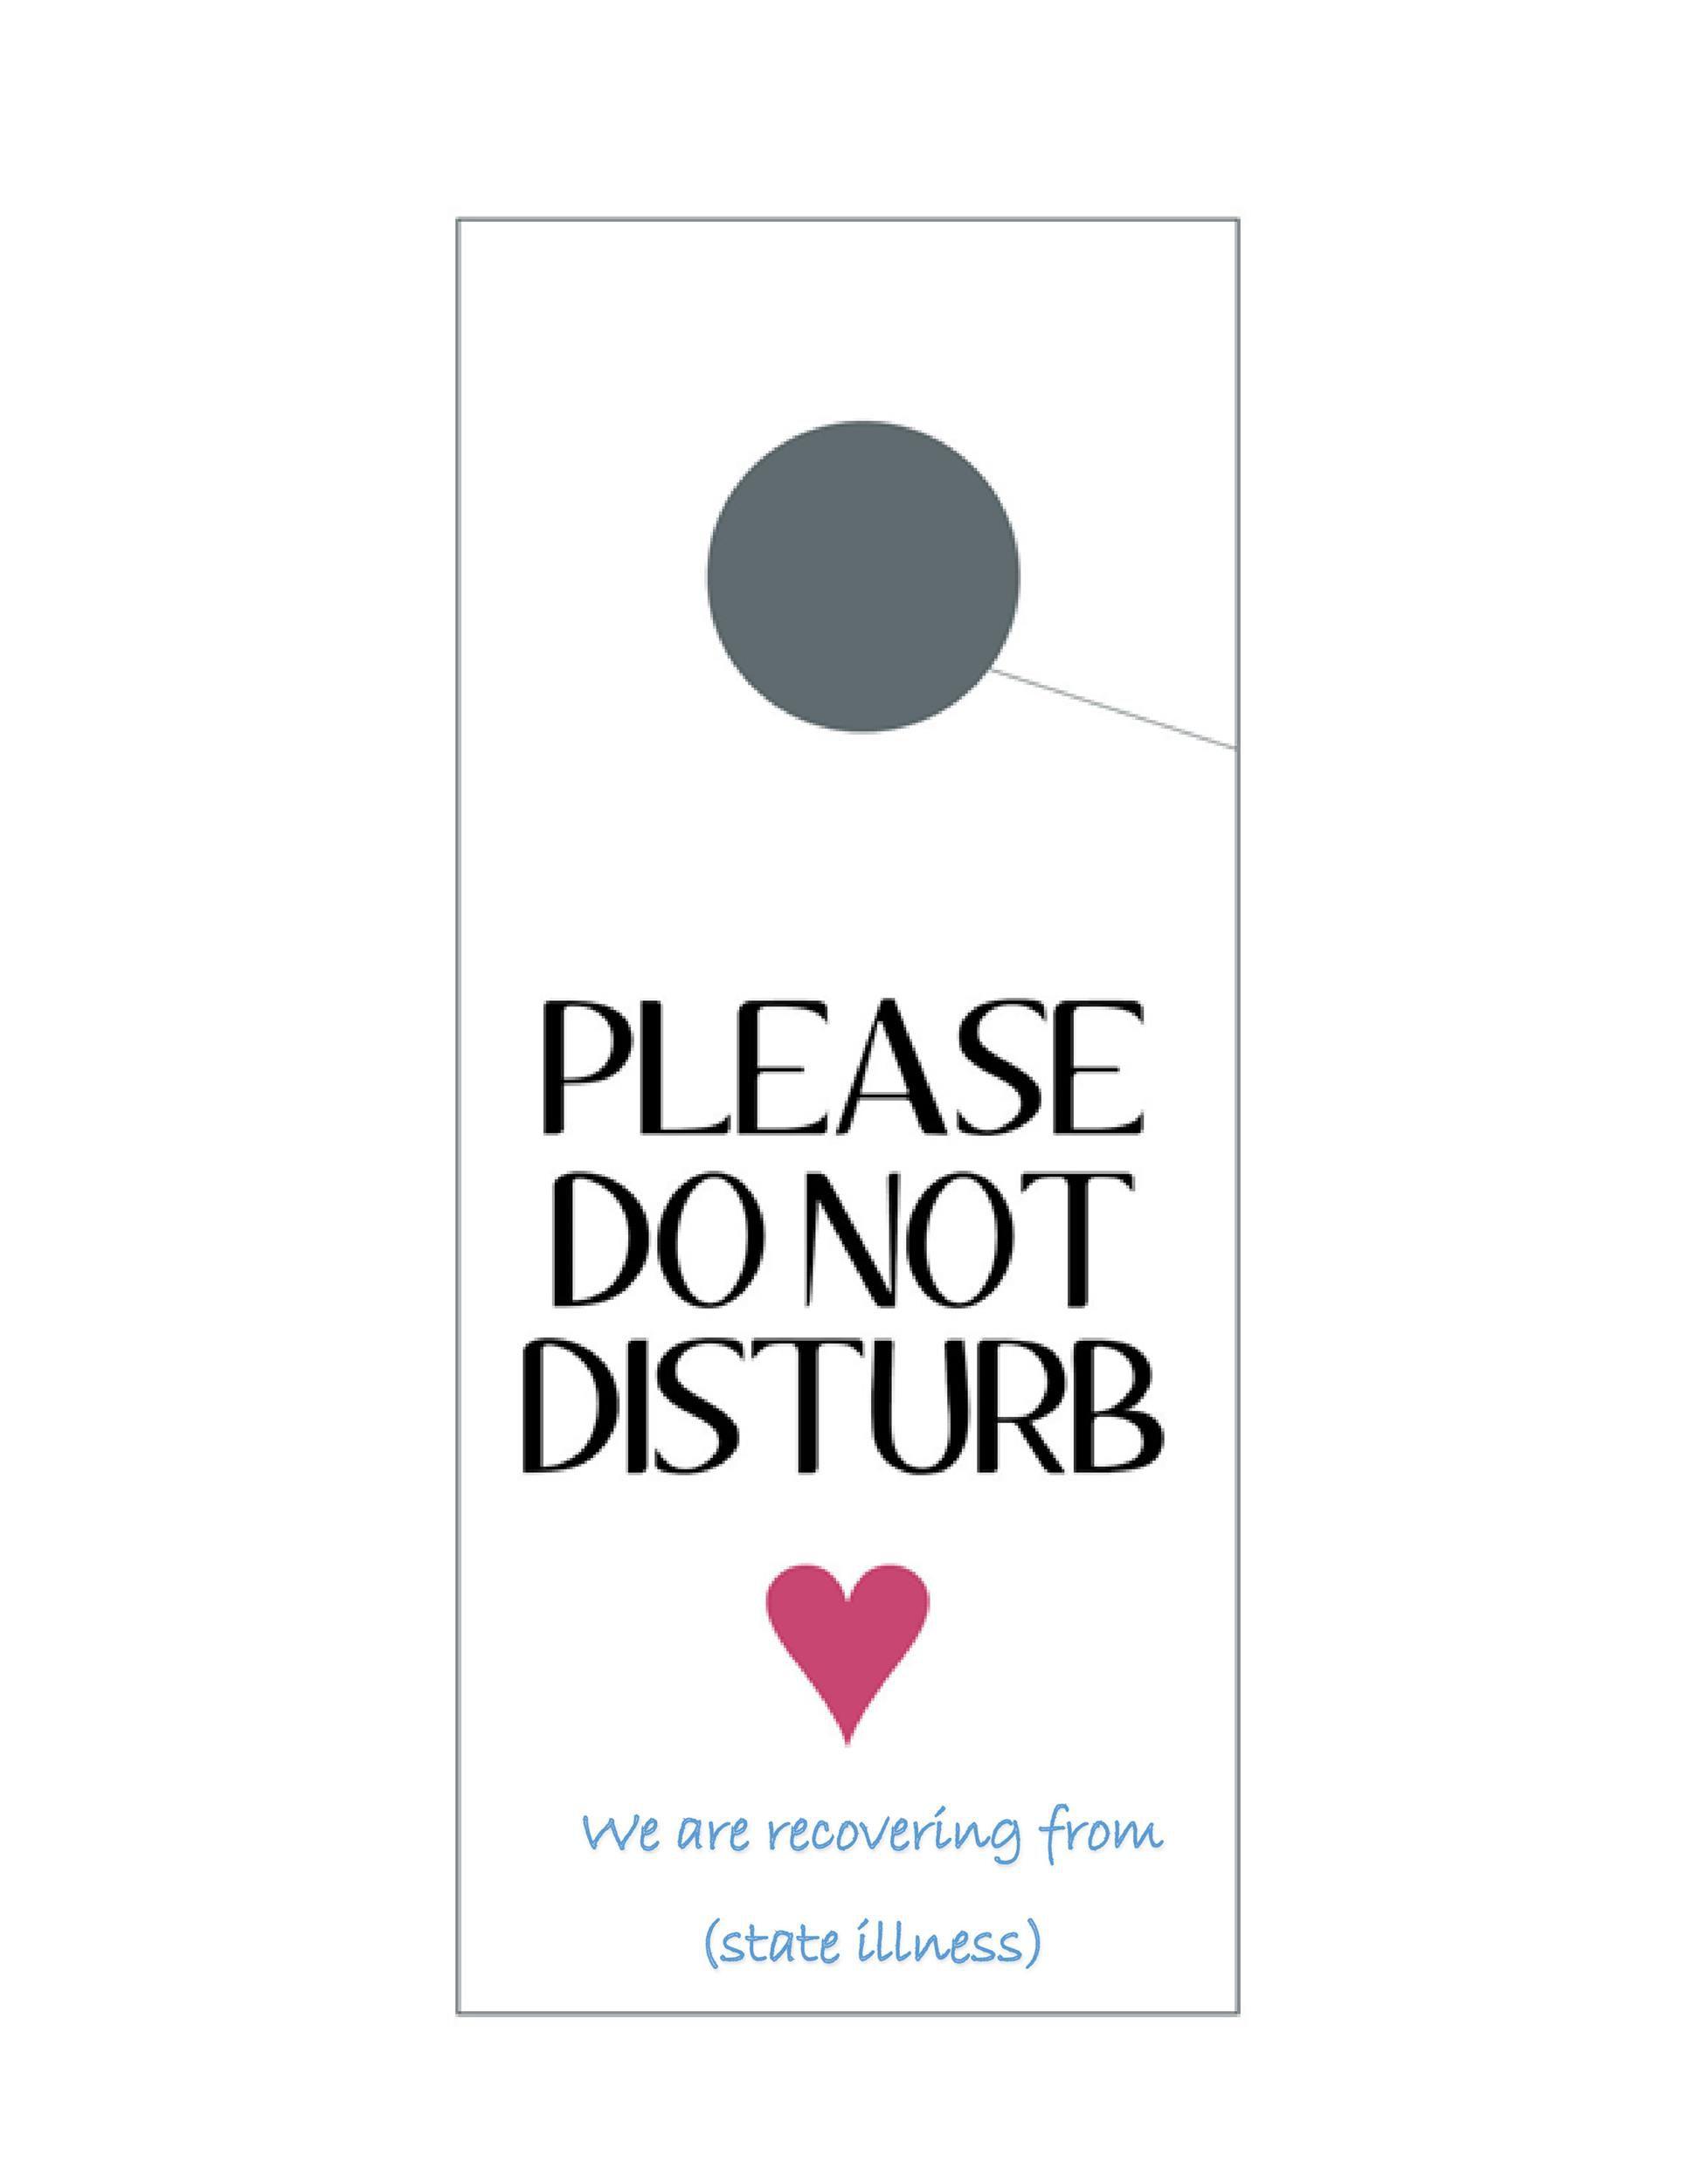 007 Exceptional Blank Door Hanger Template Free Design Full